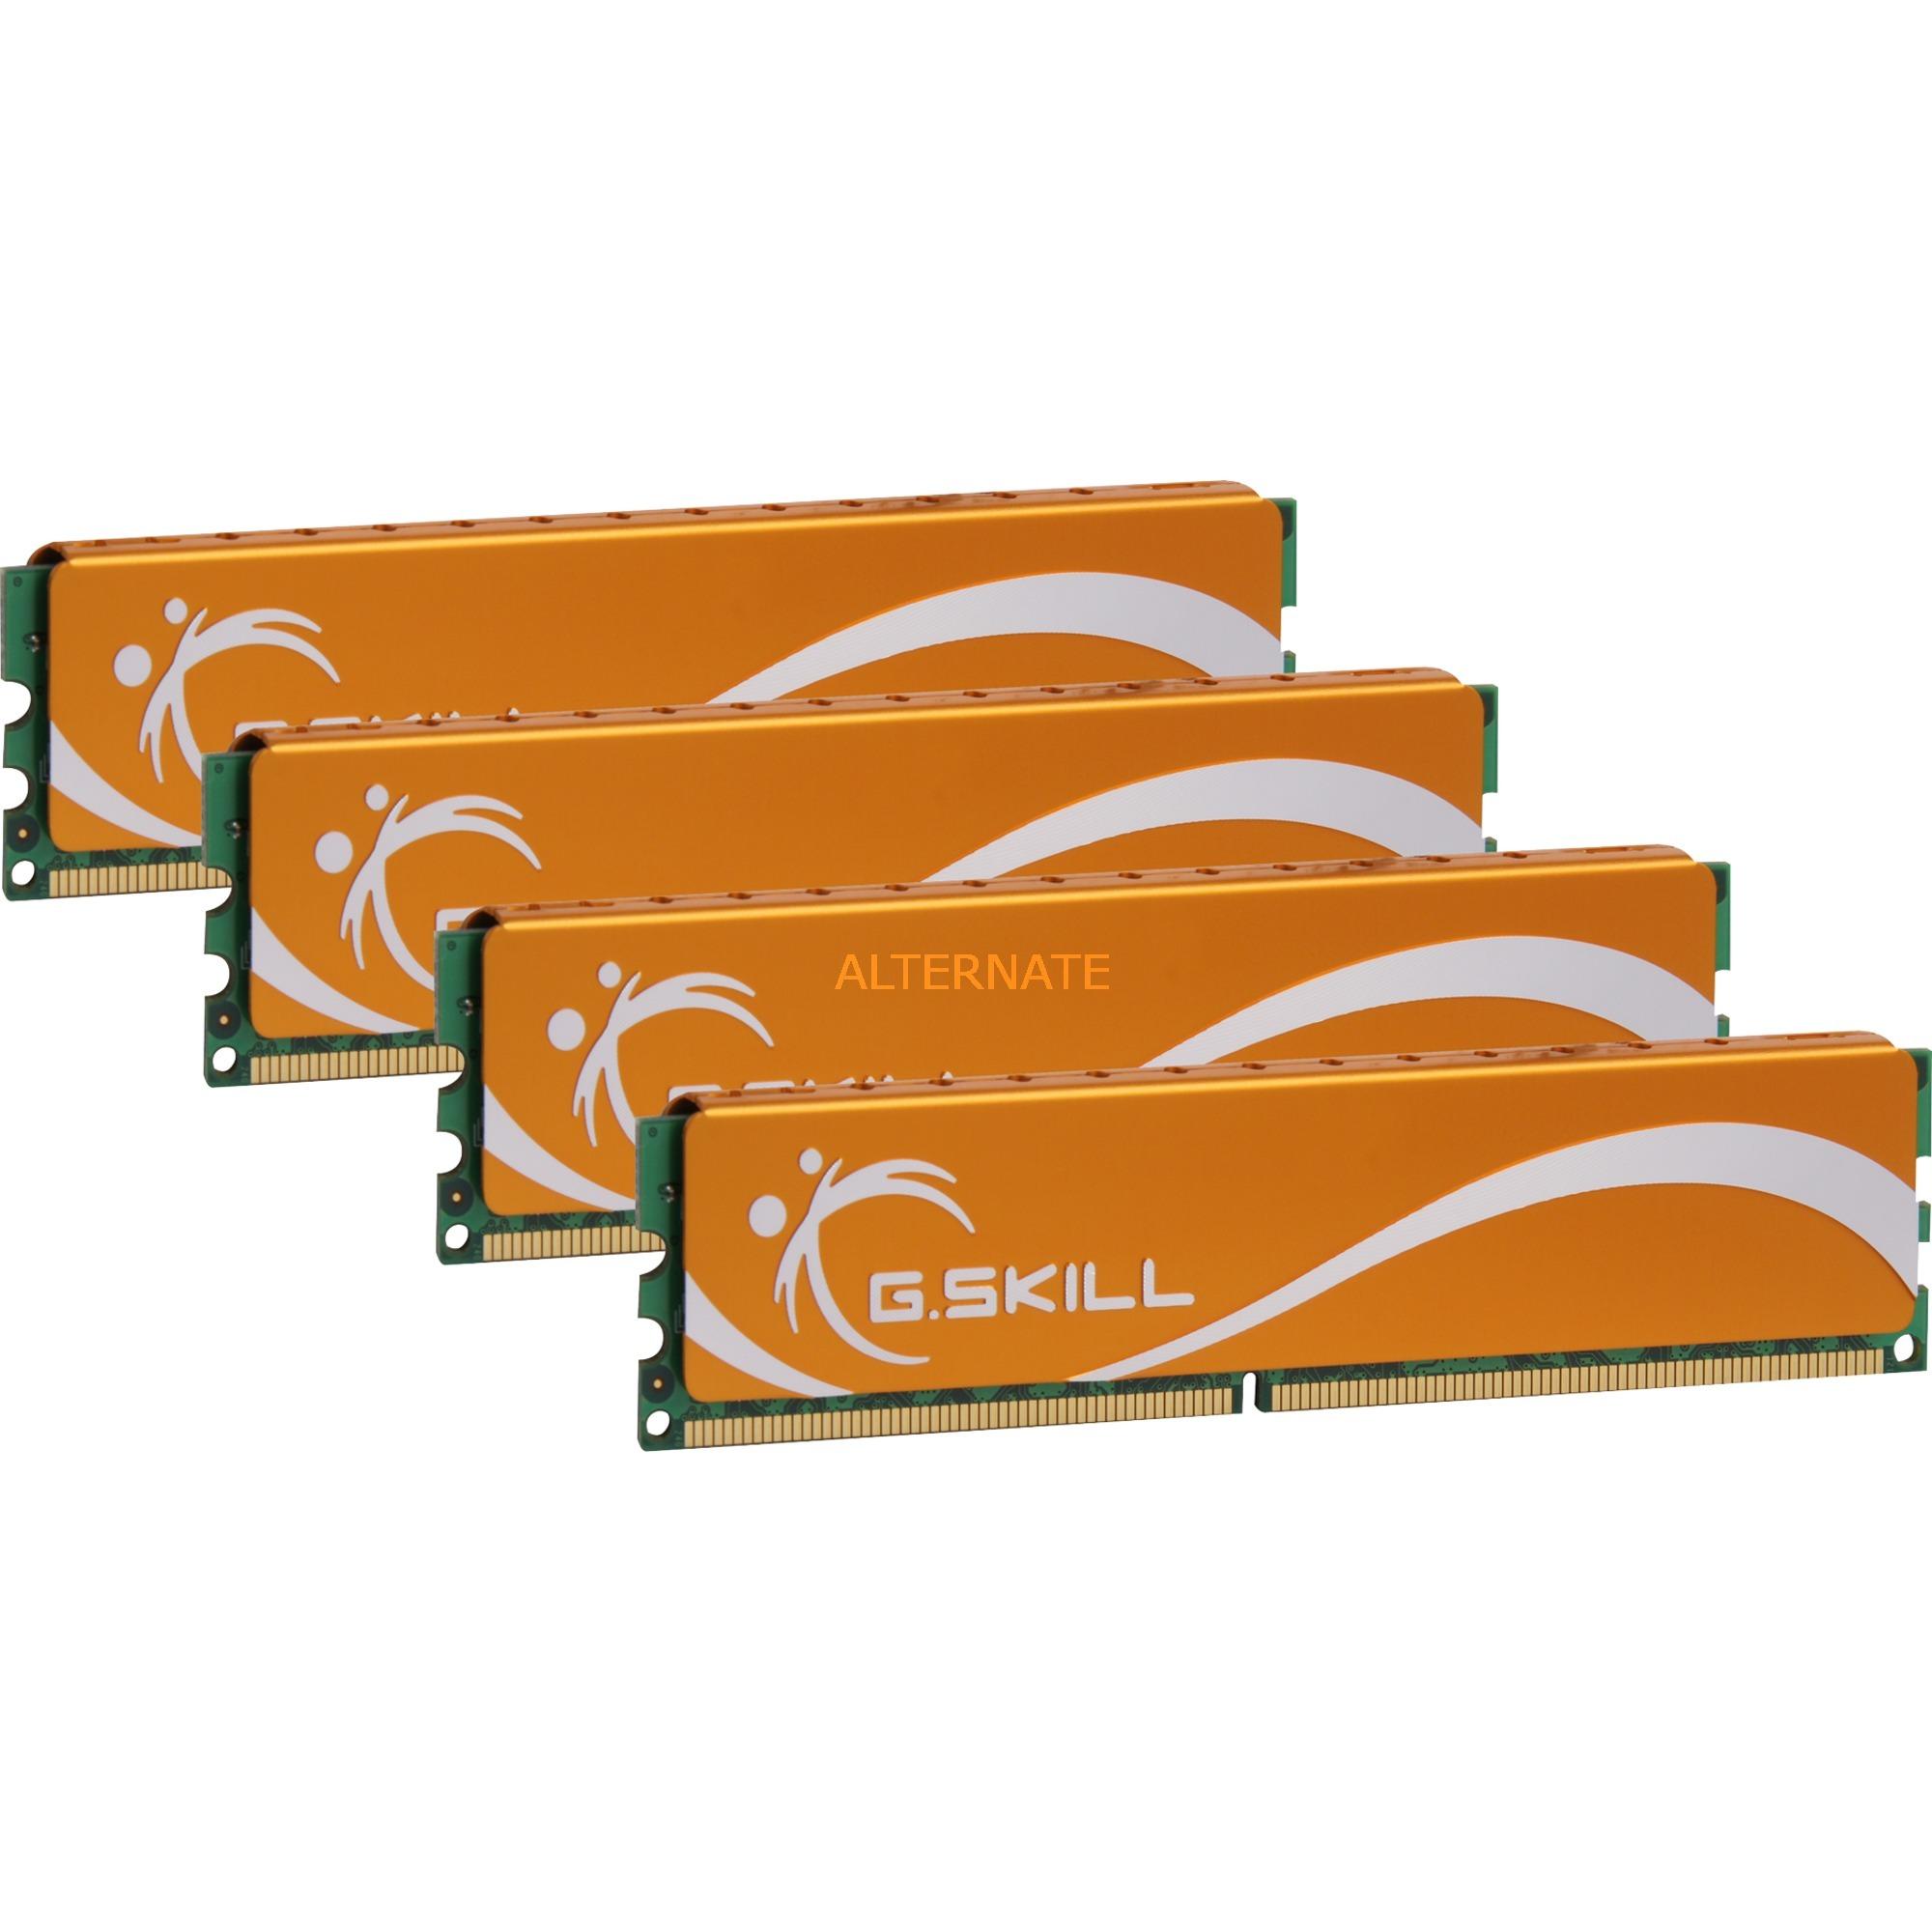 16GB (4x4096MB) DDR2 PC2 6400 CL6 16GB DDR2 800MHz módulo de memoria, Memoria RAM